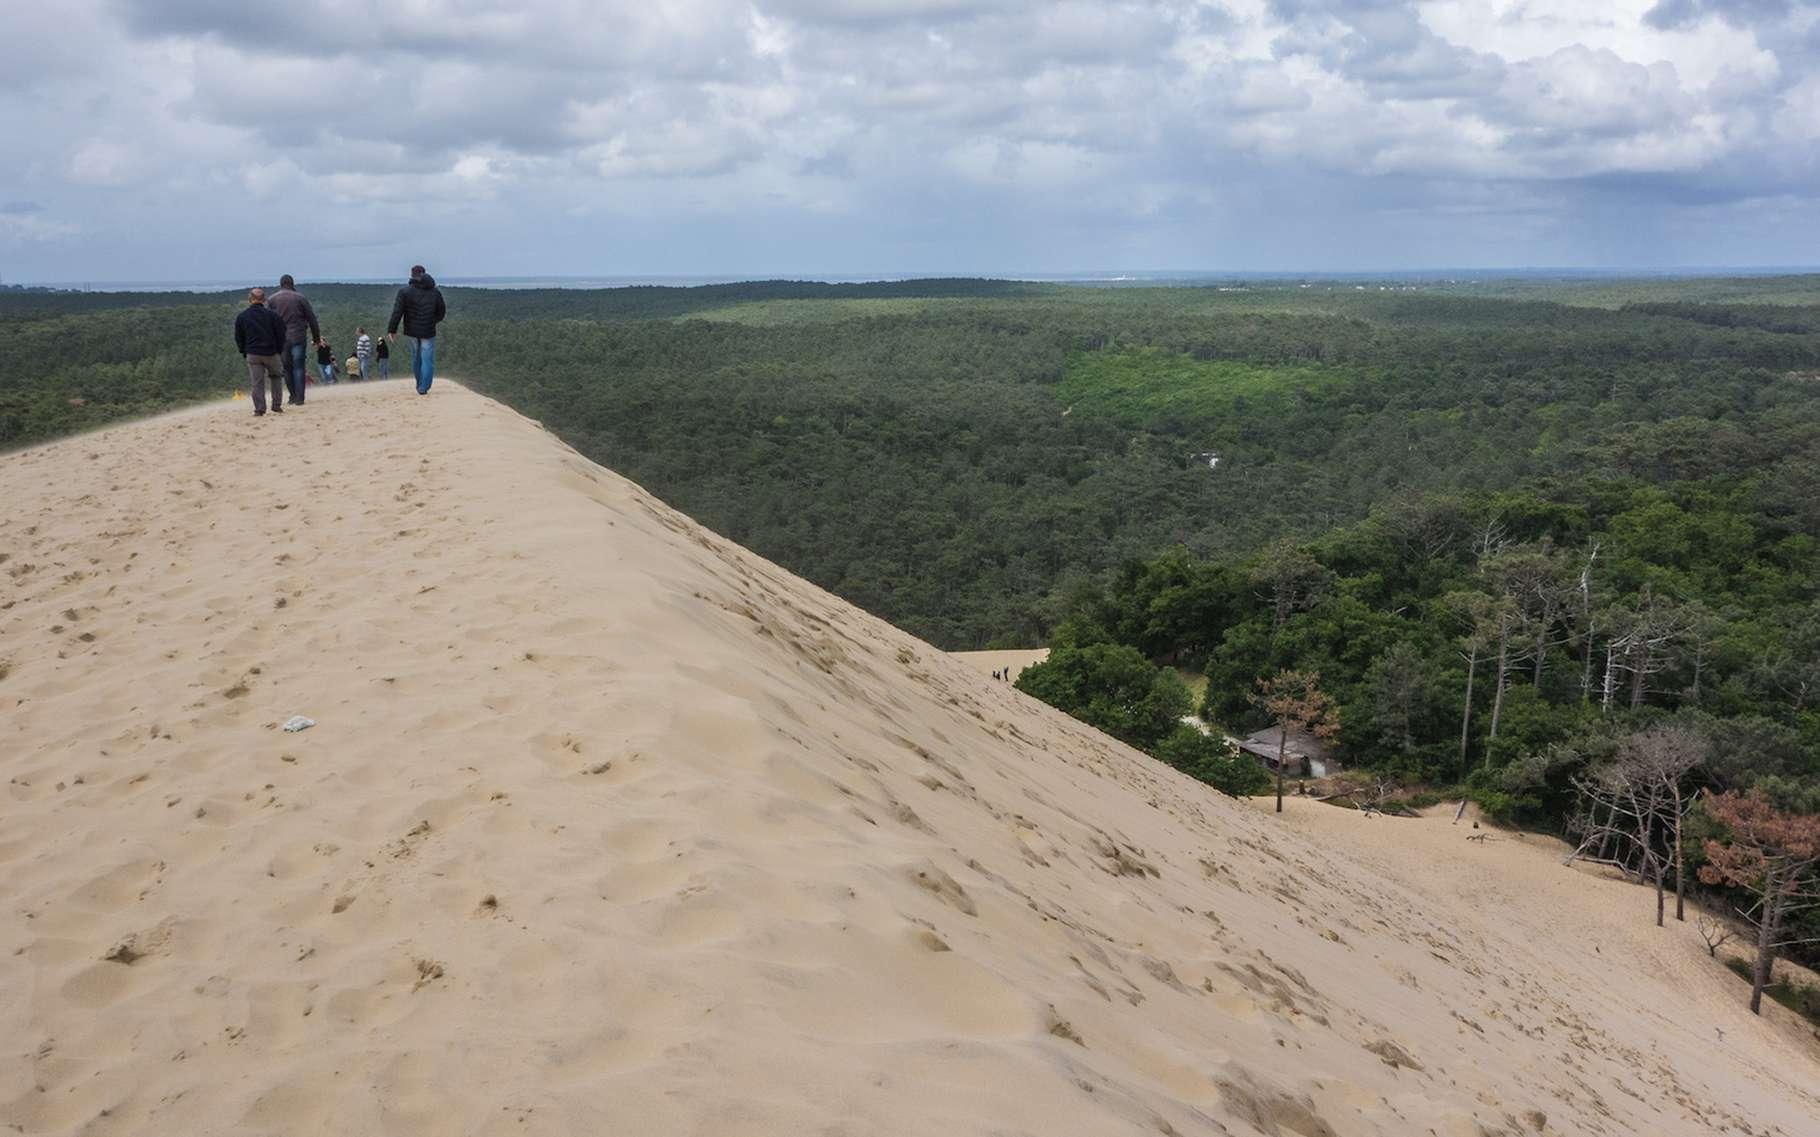 En 2016, la dune du Pilat culmine à 109,20 mètres d'altitude. © Graeme Churchard, Flickr, CC by 2.0